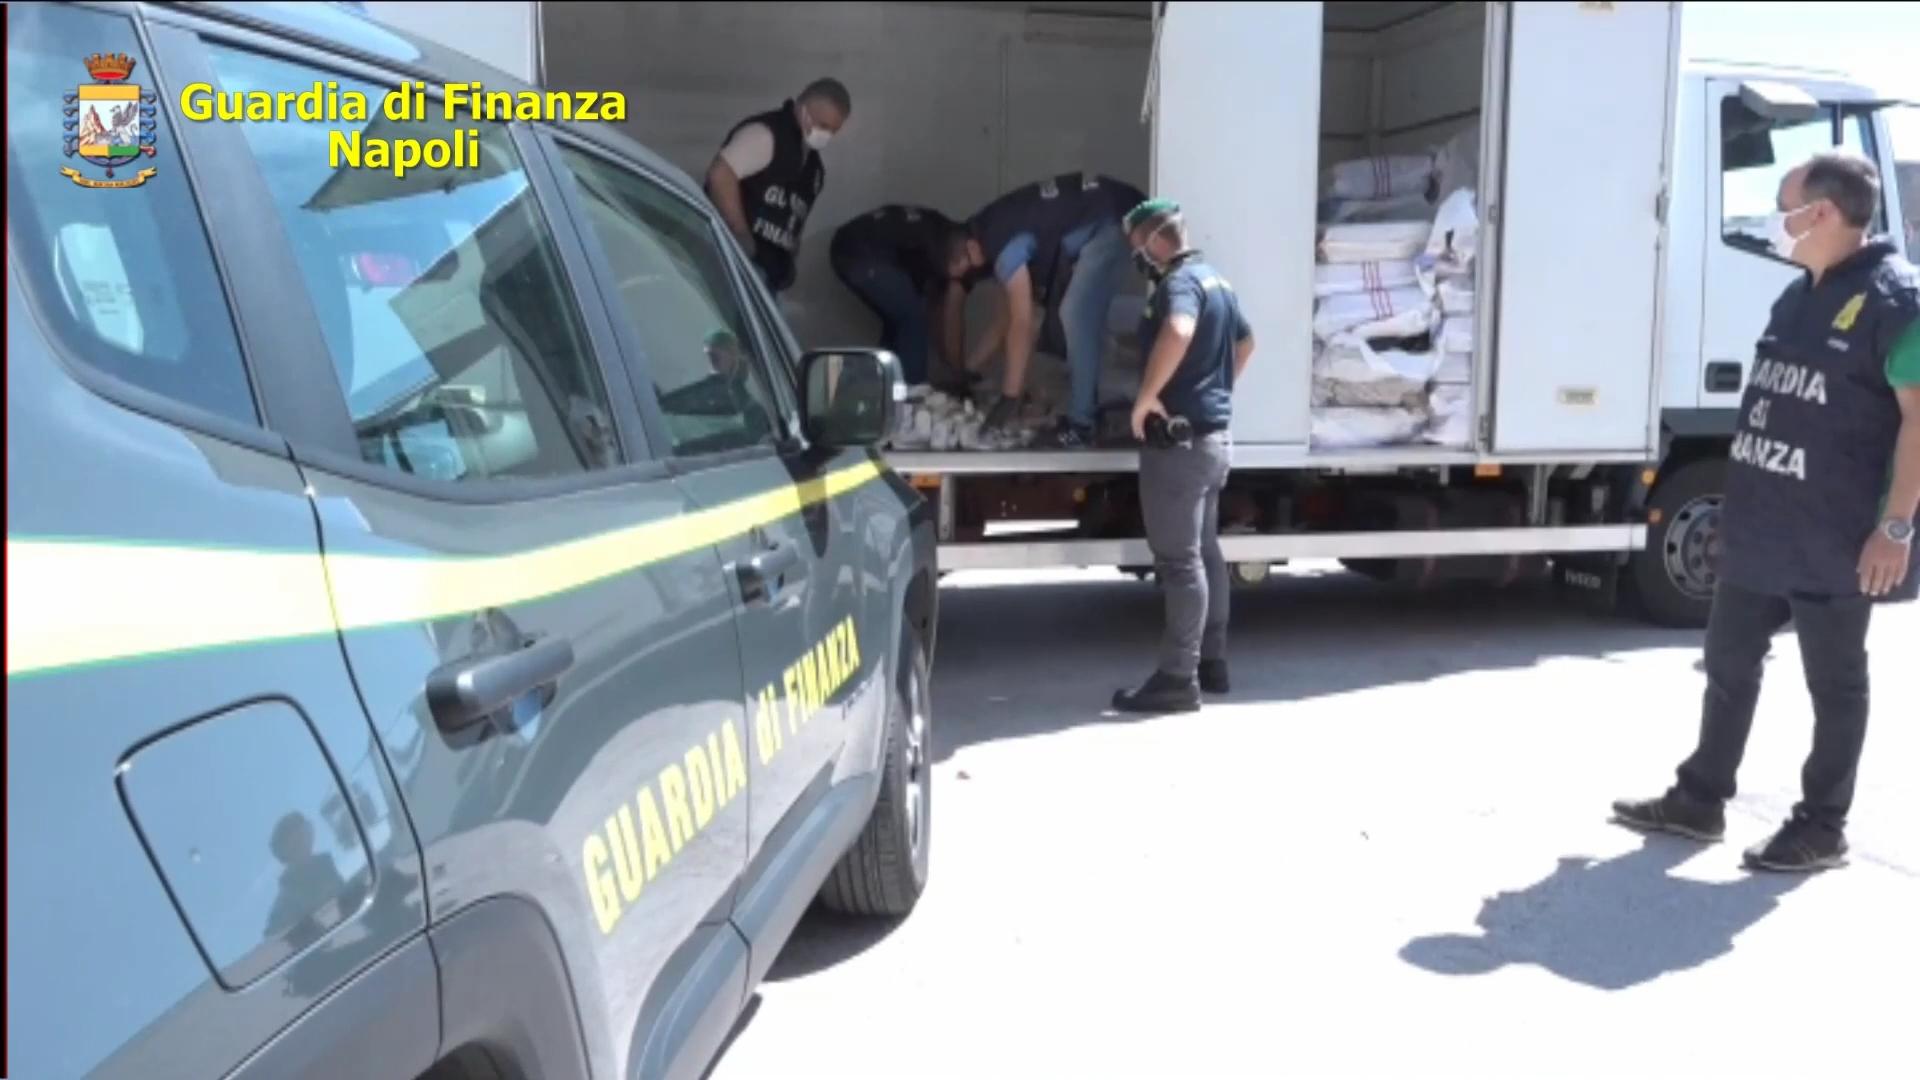 Porto di Salerno, sequestrate tonnellate di hashish e anfetamine in un container